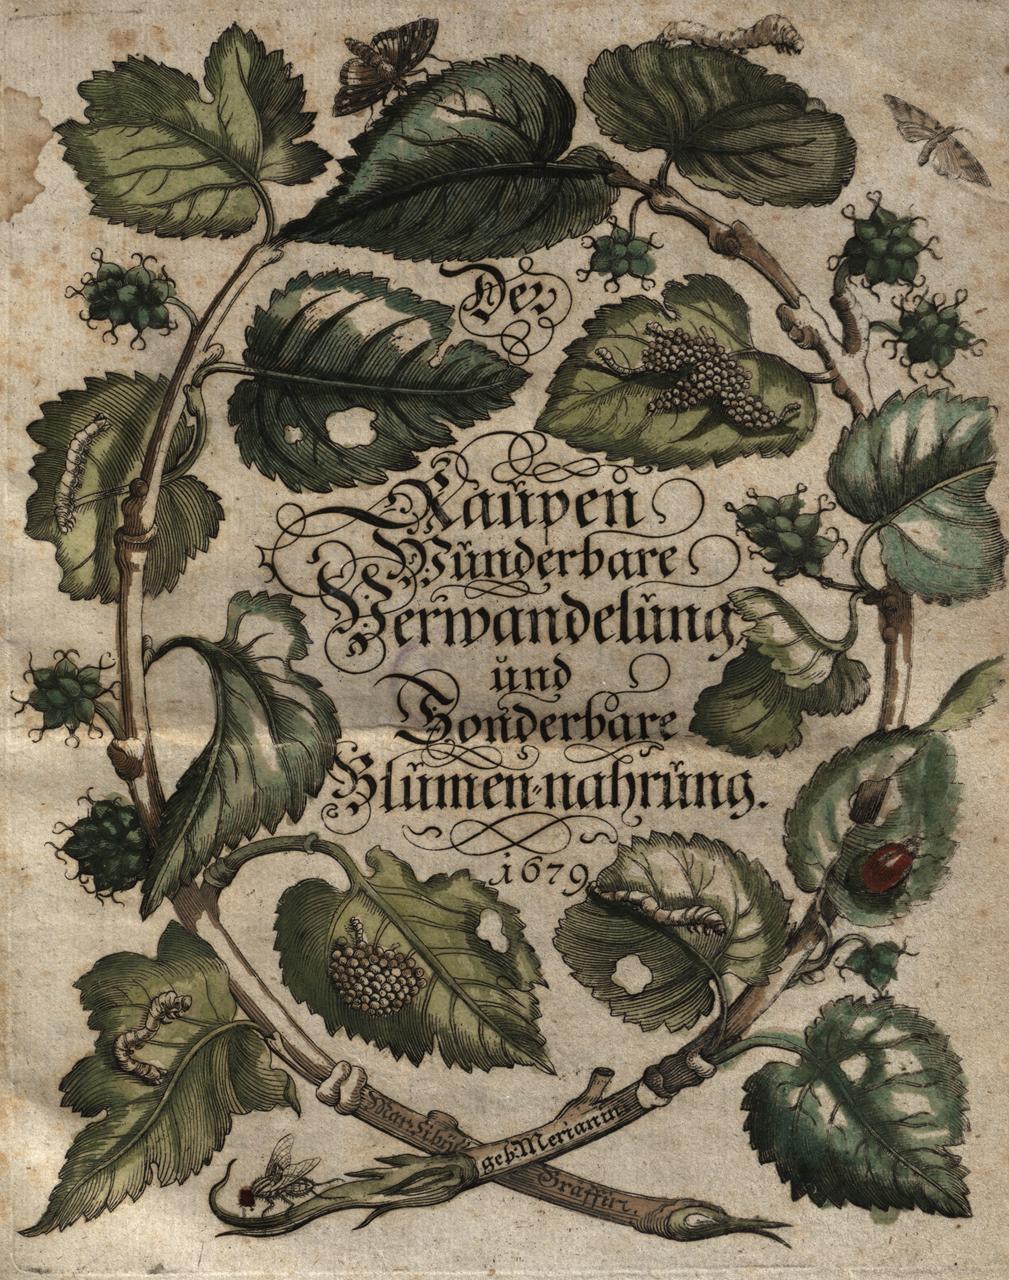 Maria Sibylla Merian, title page of 'Der Raupen wunderbare Verwandlung und sonderbare Blumennahrung' (1679) (courtesy Universitätsbibliothek Johann Christian Senckenberg, Frankfurt)